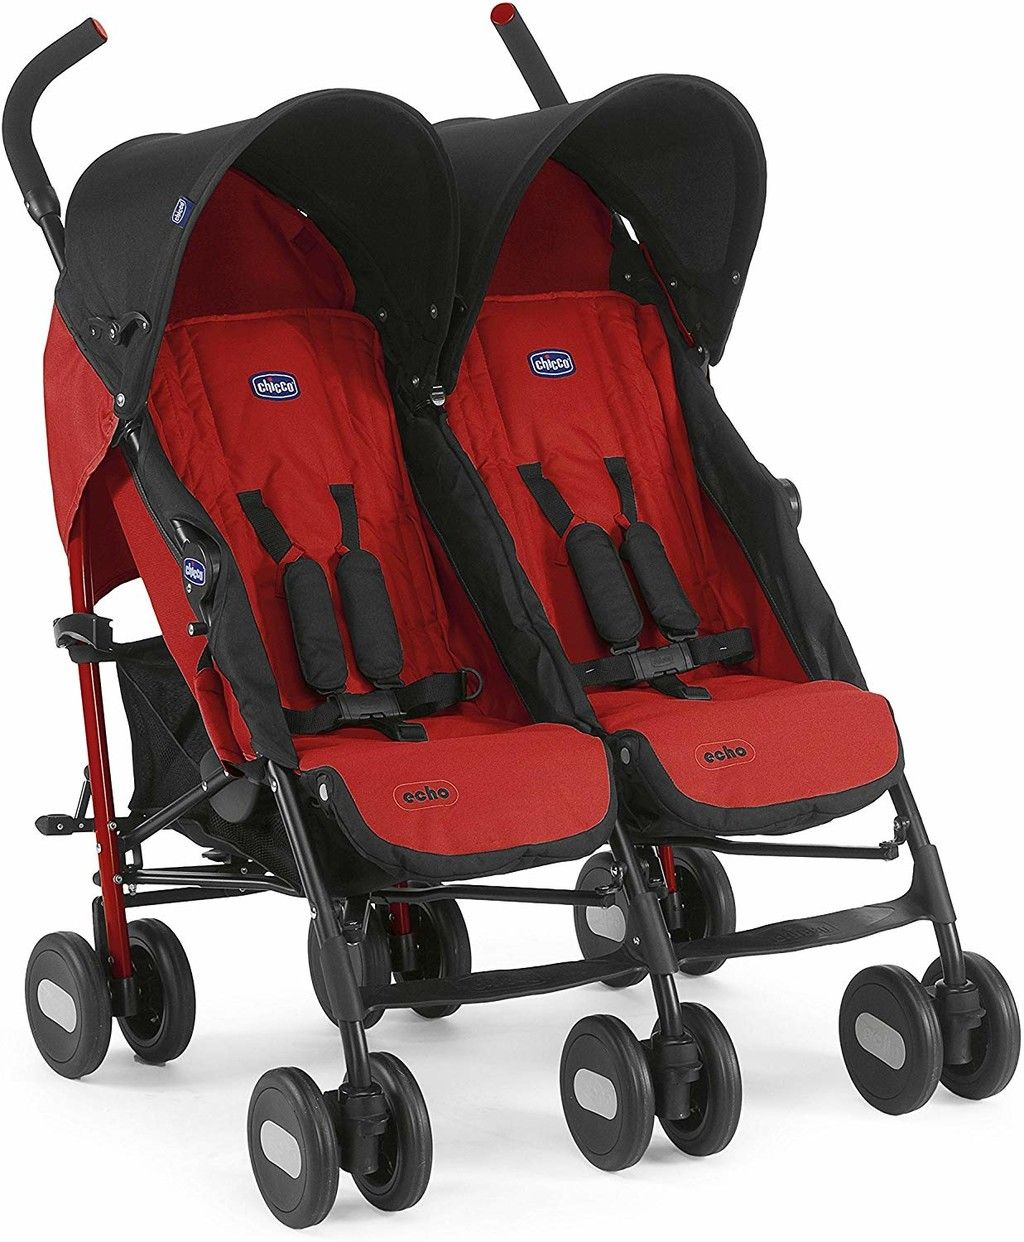 Gran Oferta De Amazon En La Silla De Paseo Gemelar Chicco Echo Twin En Color Rojo Está Rebajada A 125 Euros Con Envío Gratis Baby Strollers Stroller Baby Strollers Travel System